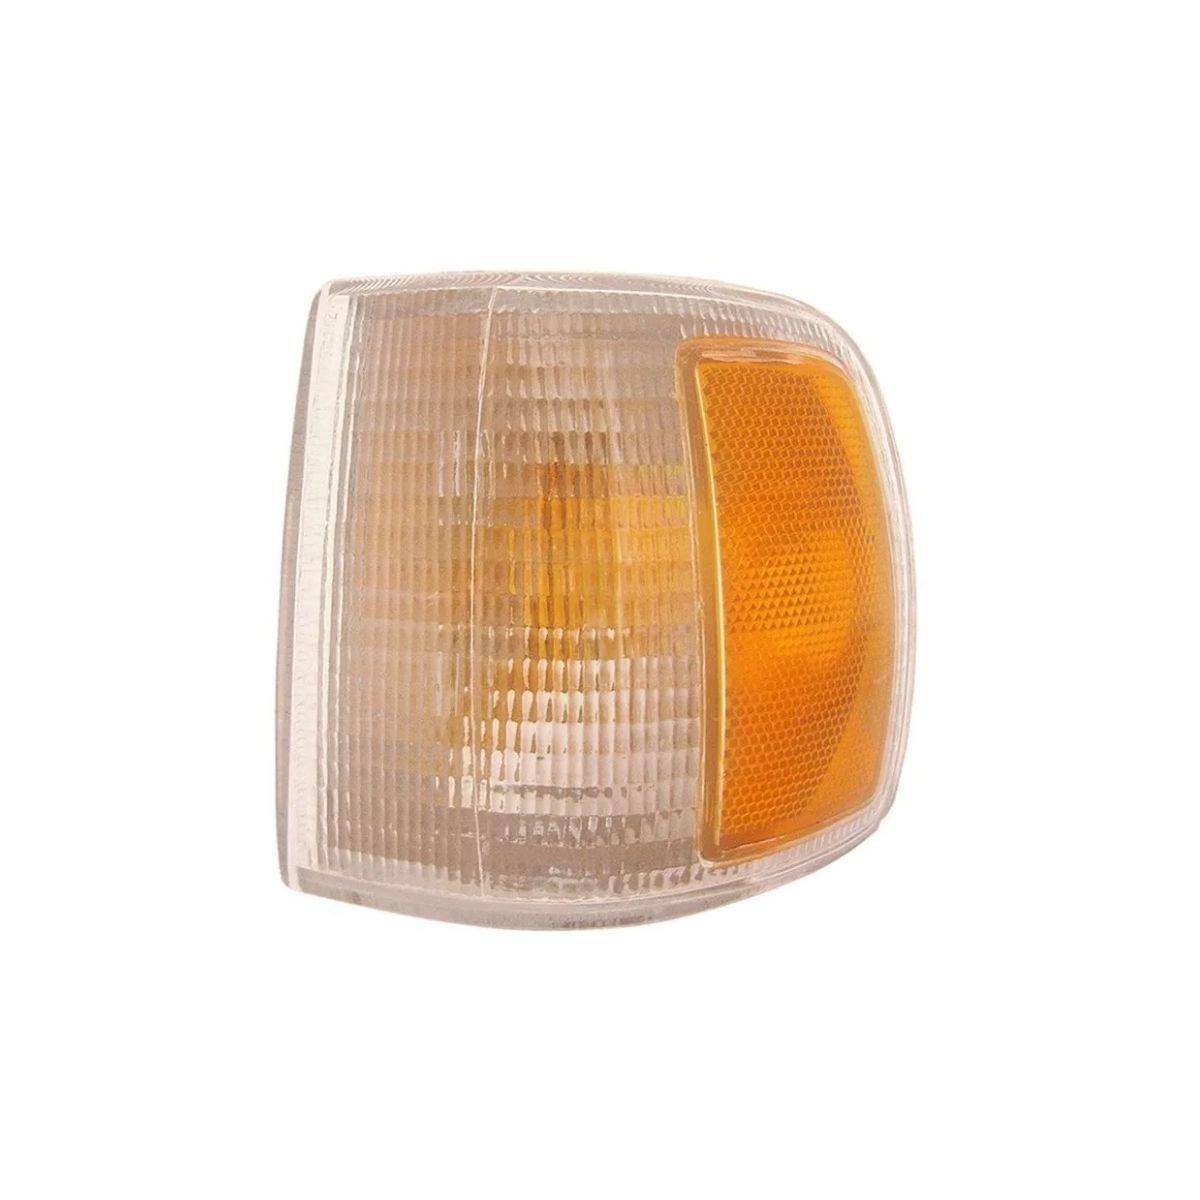 Lanterna Dianteira Esquerda Gol Parati 91/94 Cristal Arteb